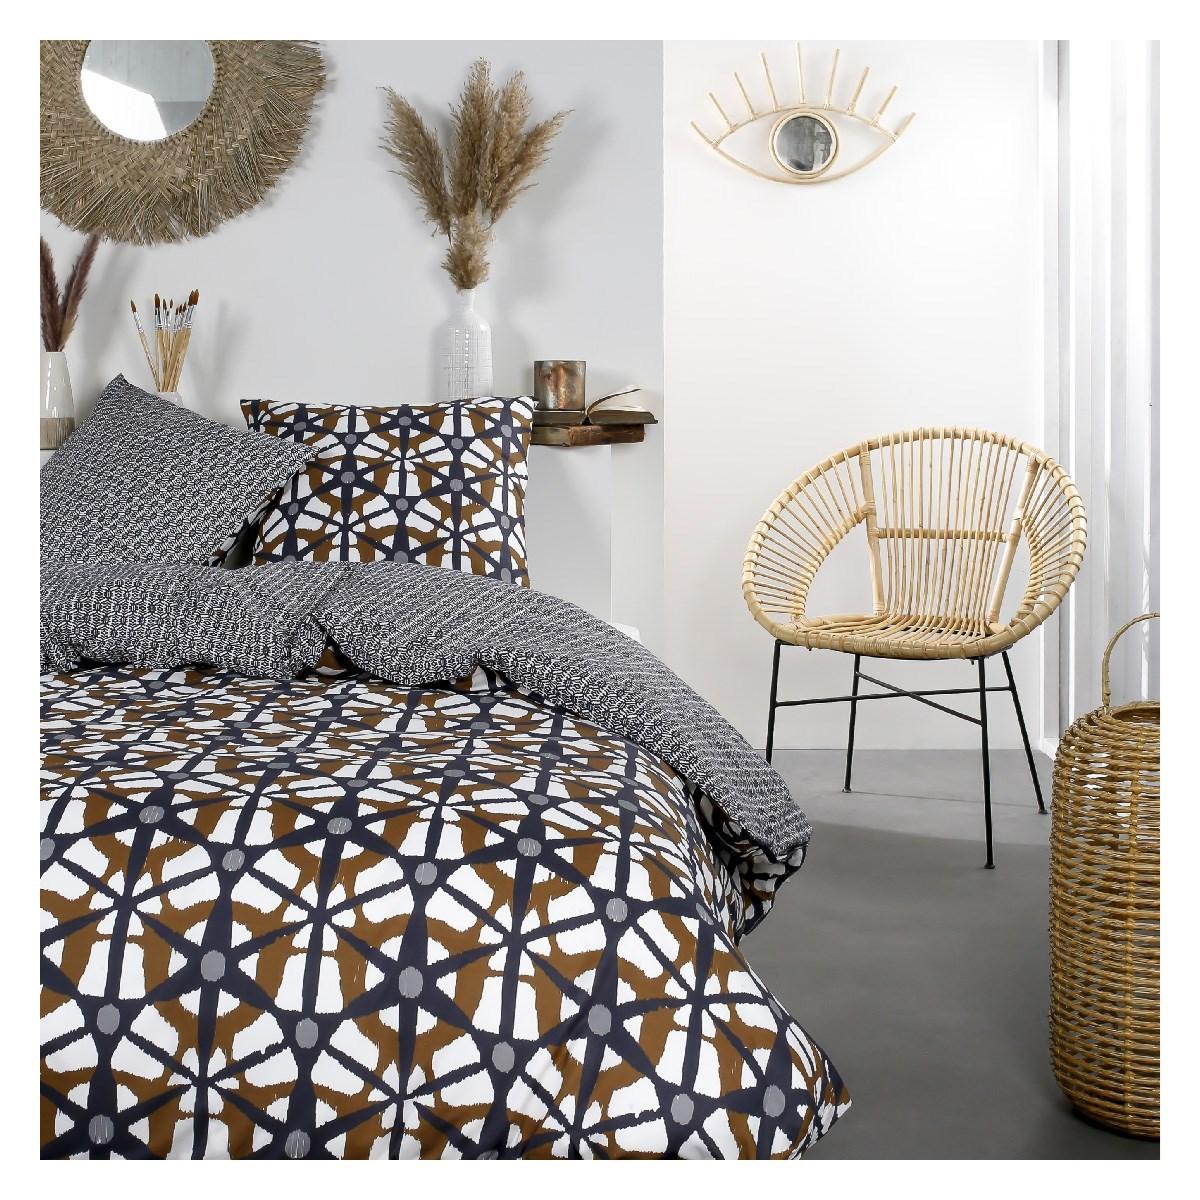 Parure de lit zippée 2 personnes imprimé en Coton Noir 240x220 cm